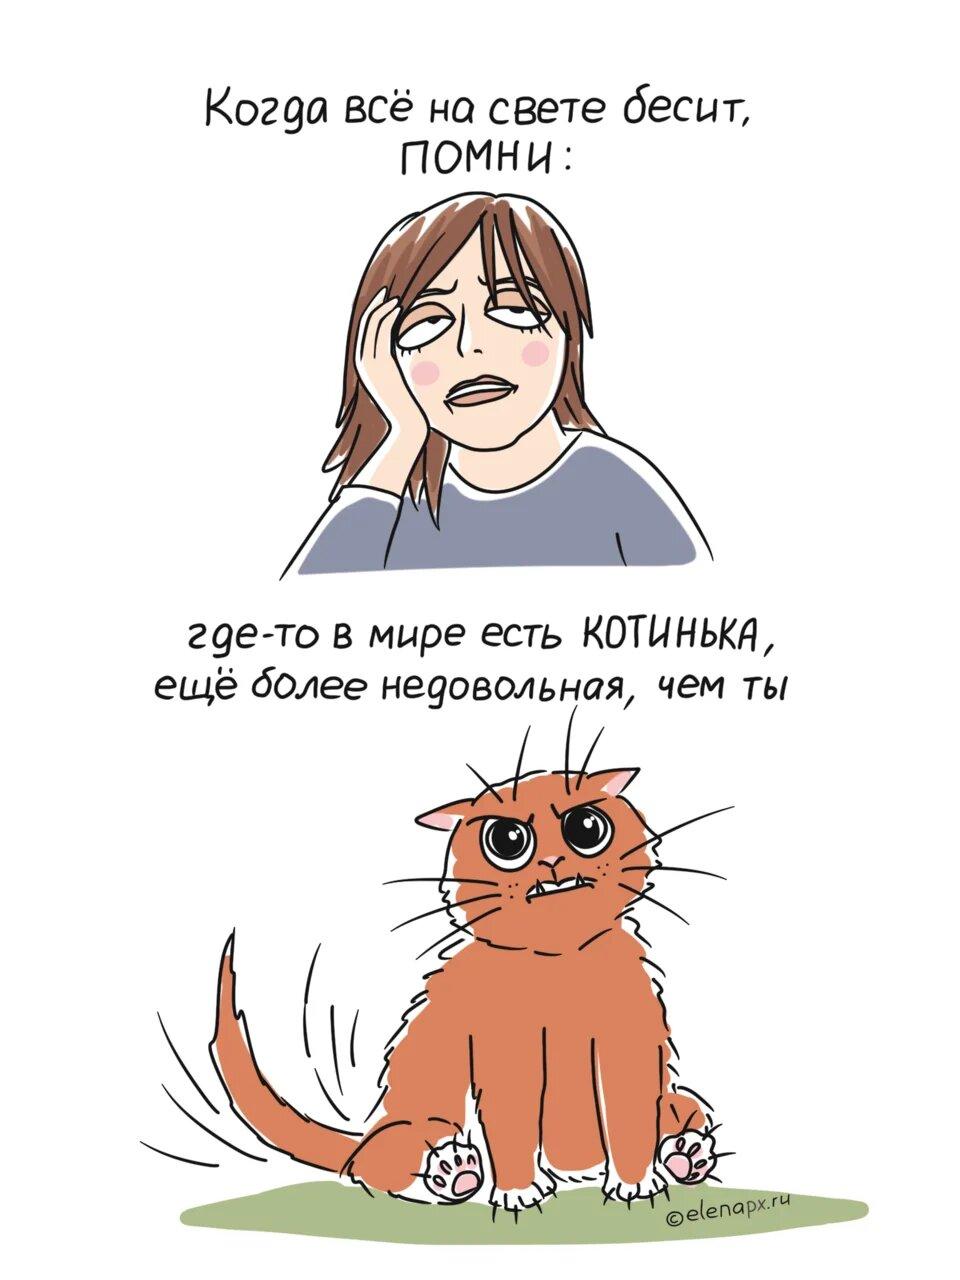 Всегда найдётся котинька, которой хуже